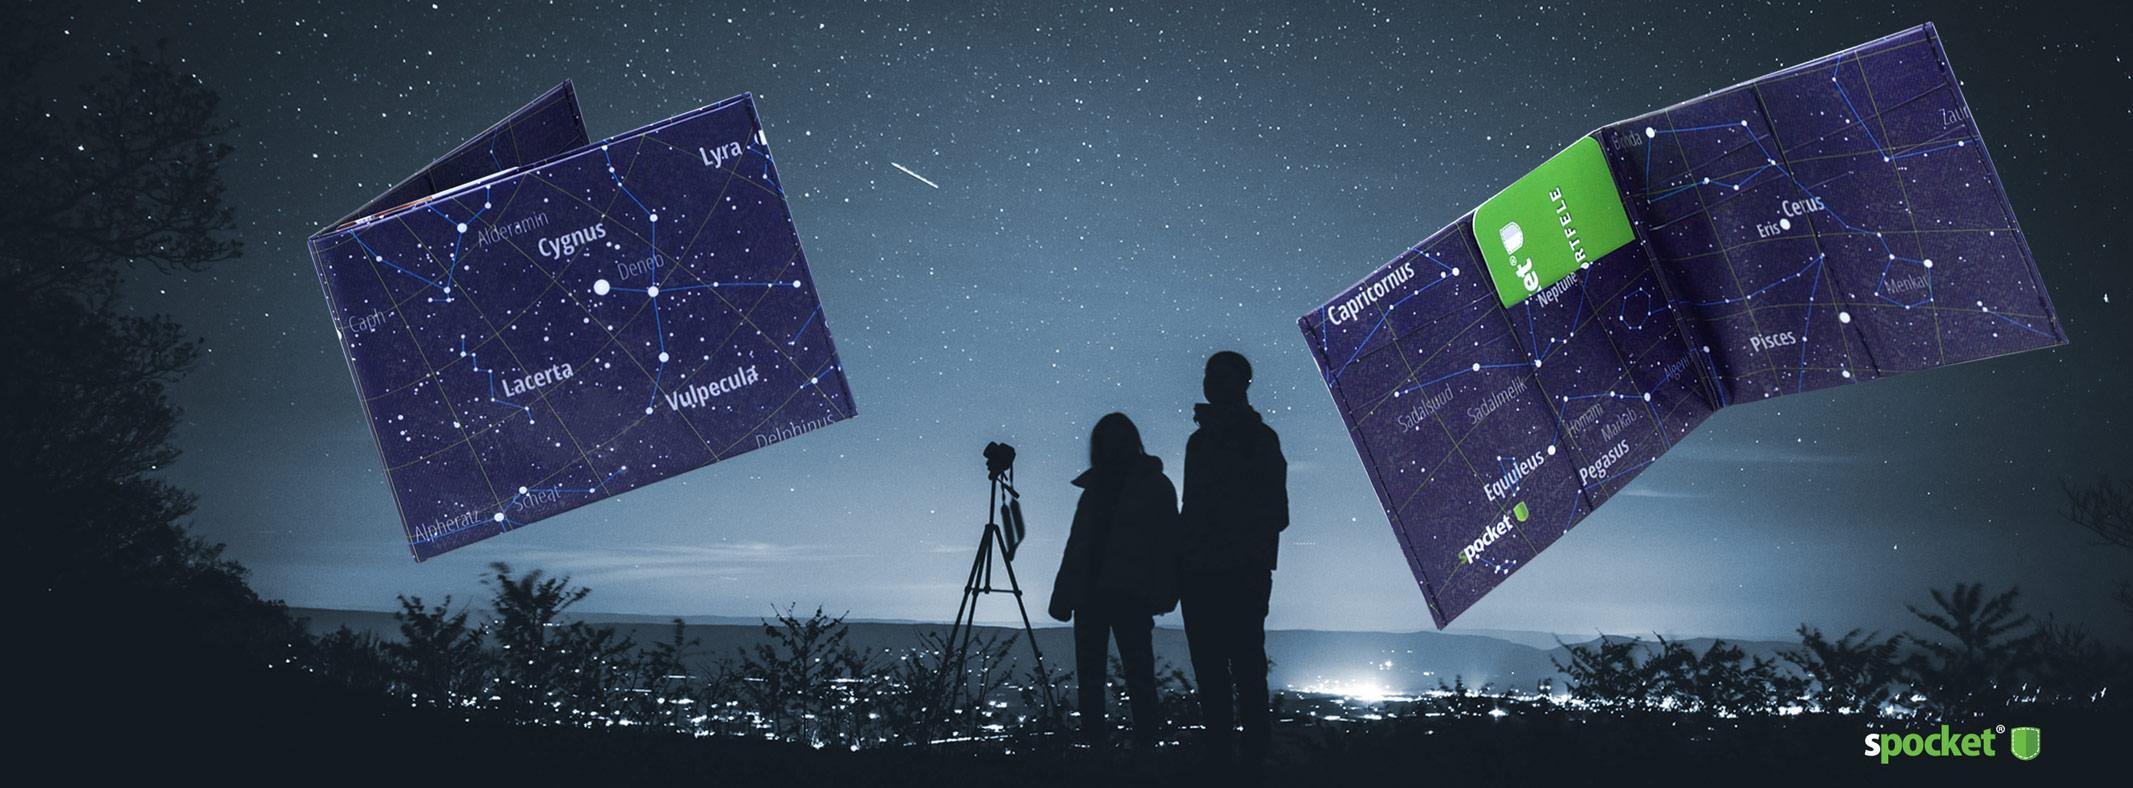 Stars_C__komp_long_1